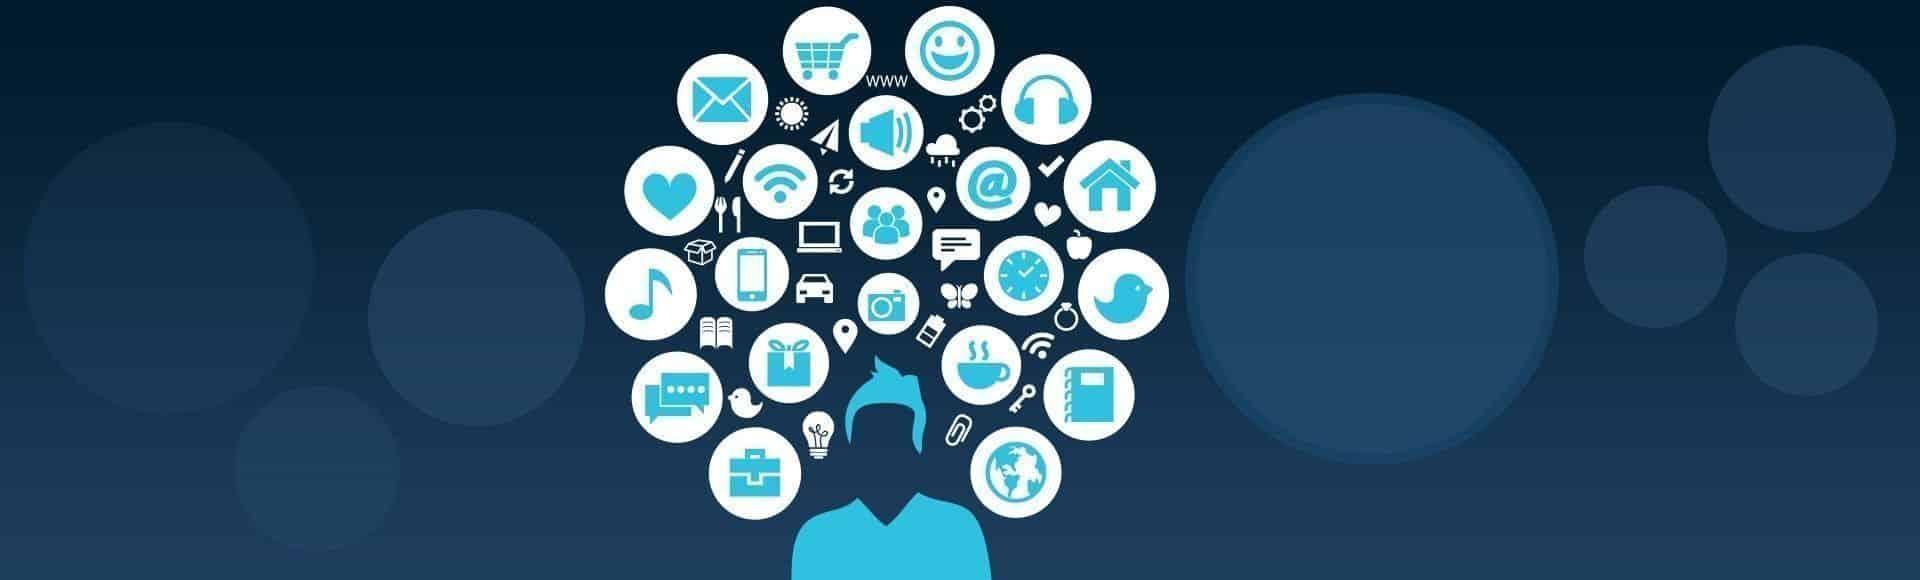 serviços digitais que vão facilitar sua vida